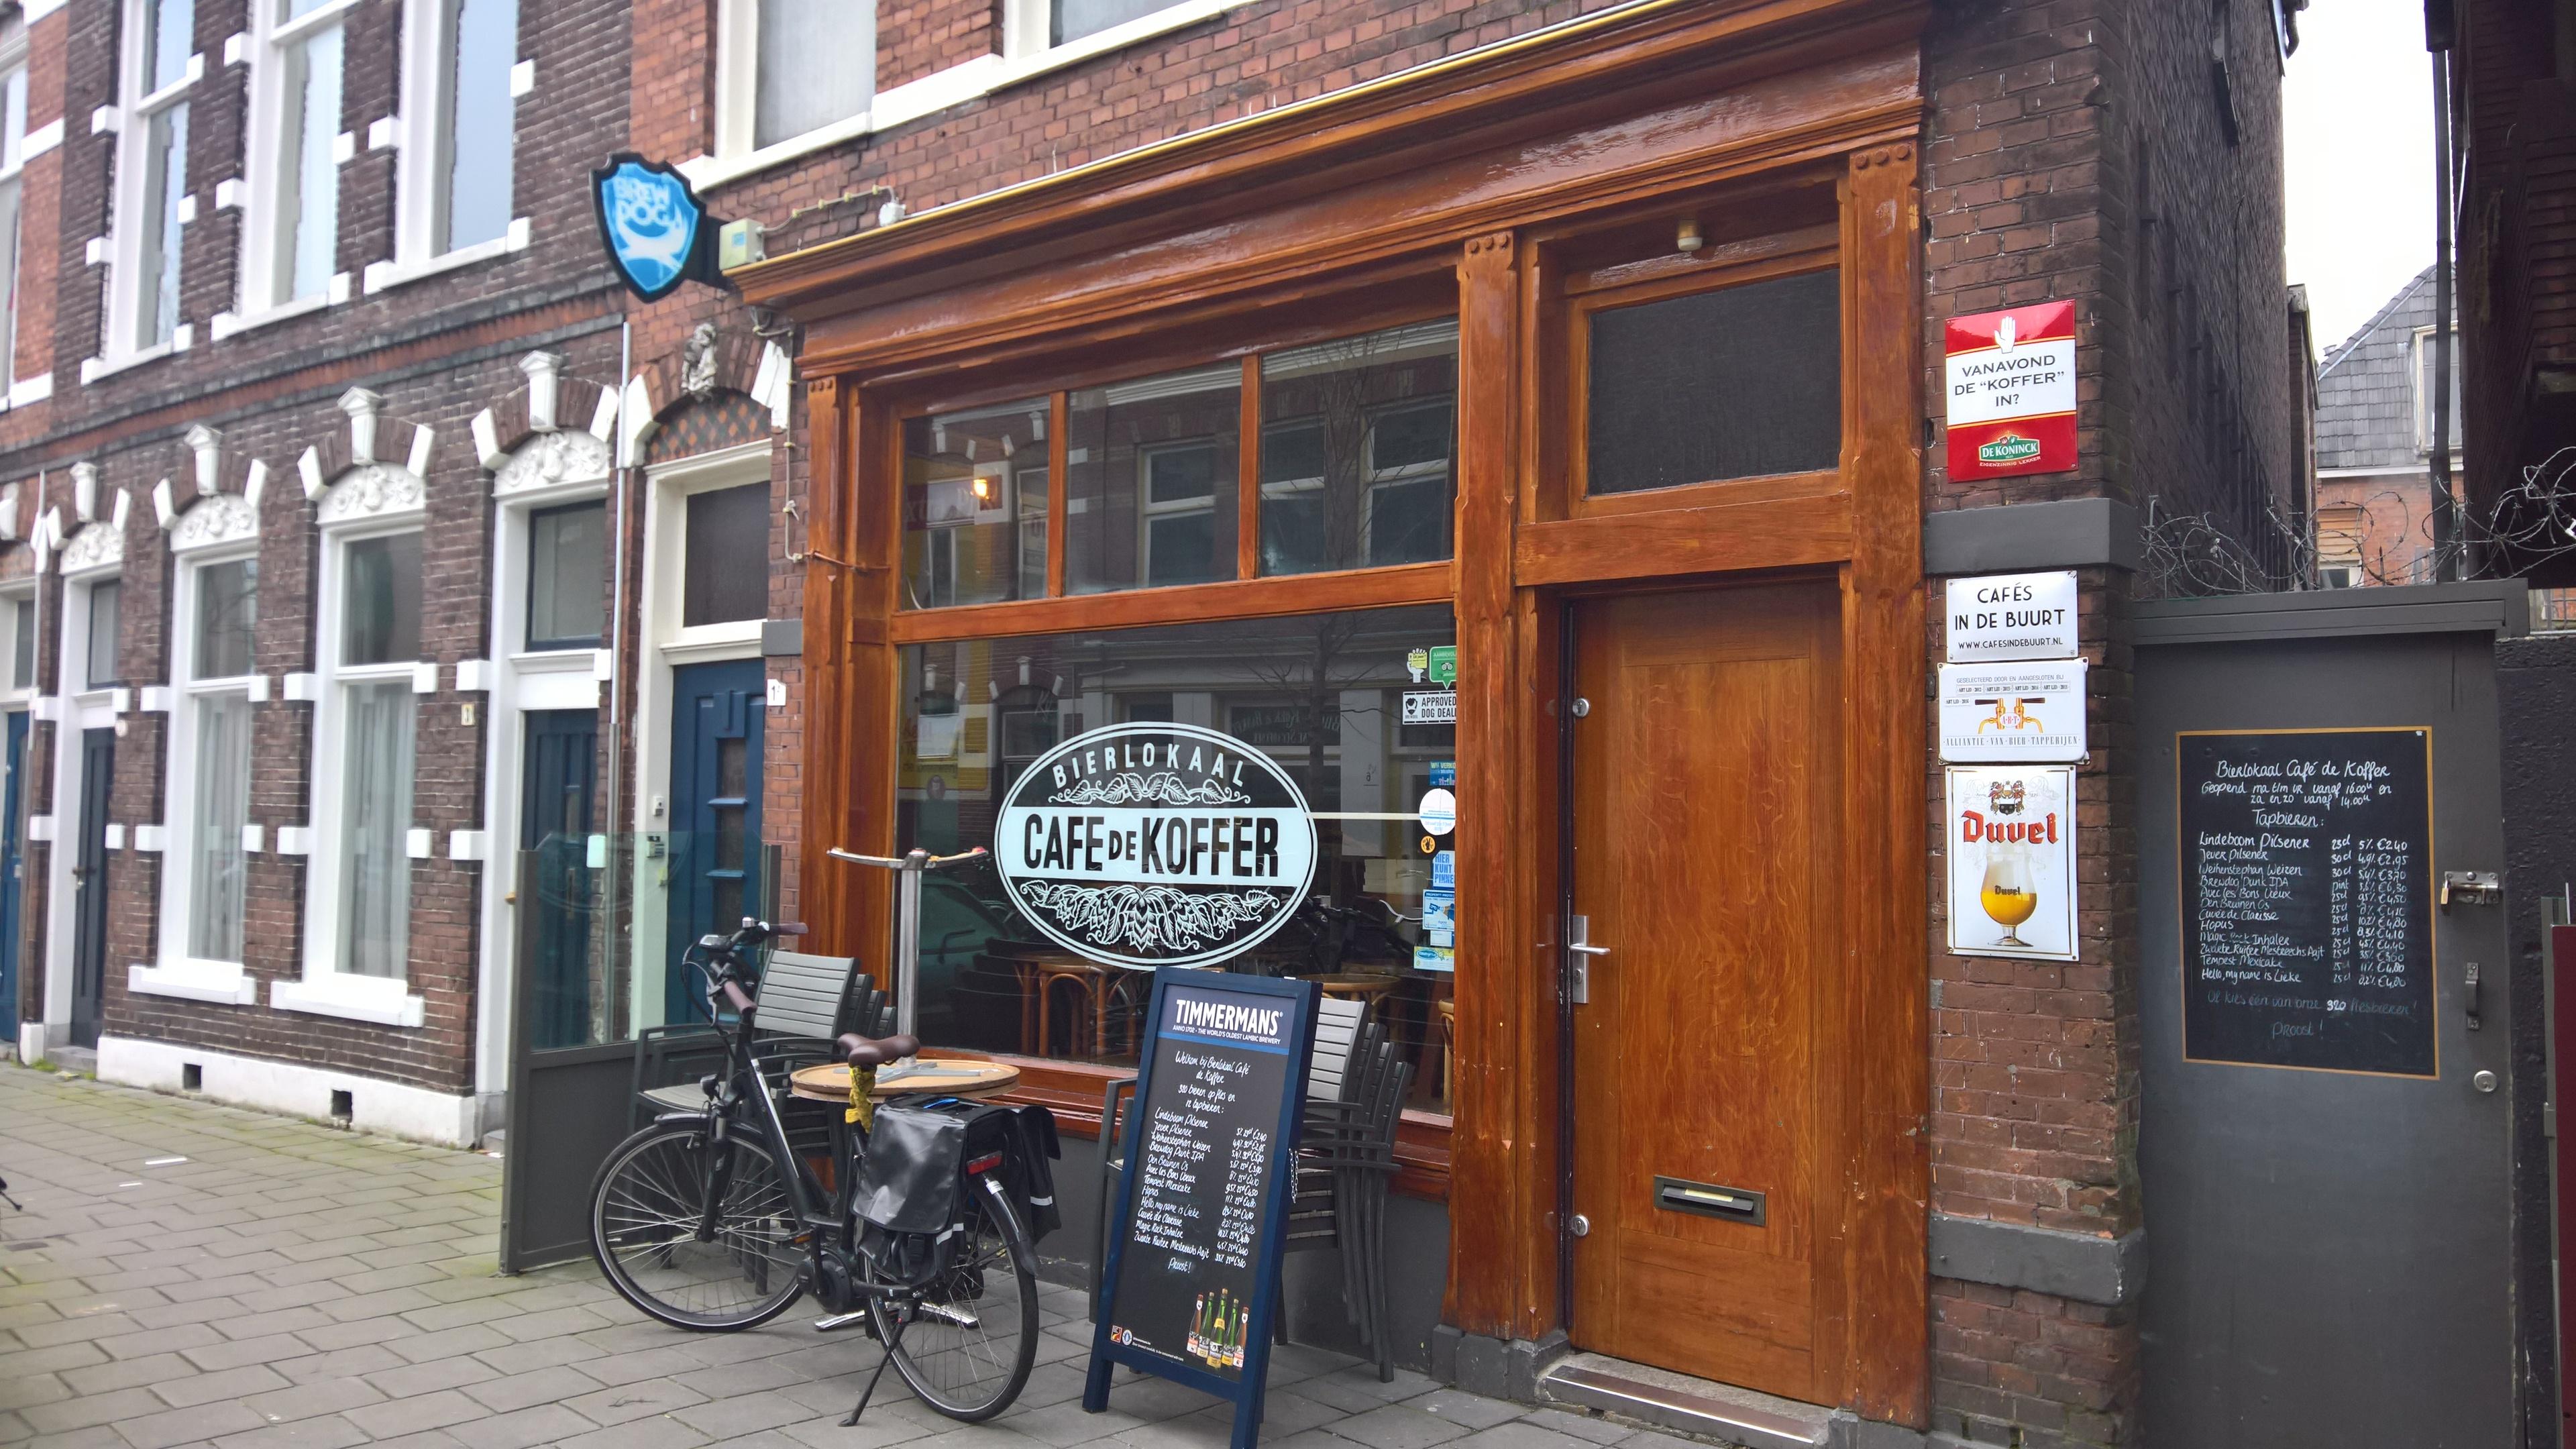 e37444289d5 File:Café de Koffer, Groningen (2018).jpg - Wikimedia Commons